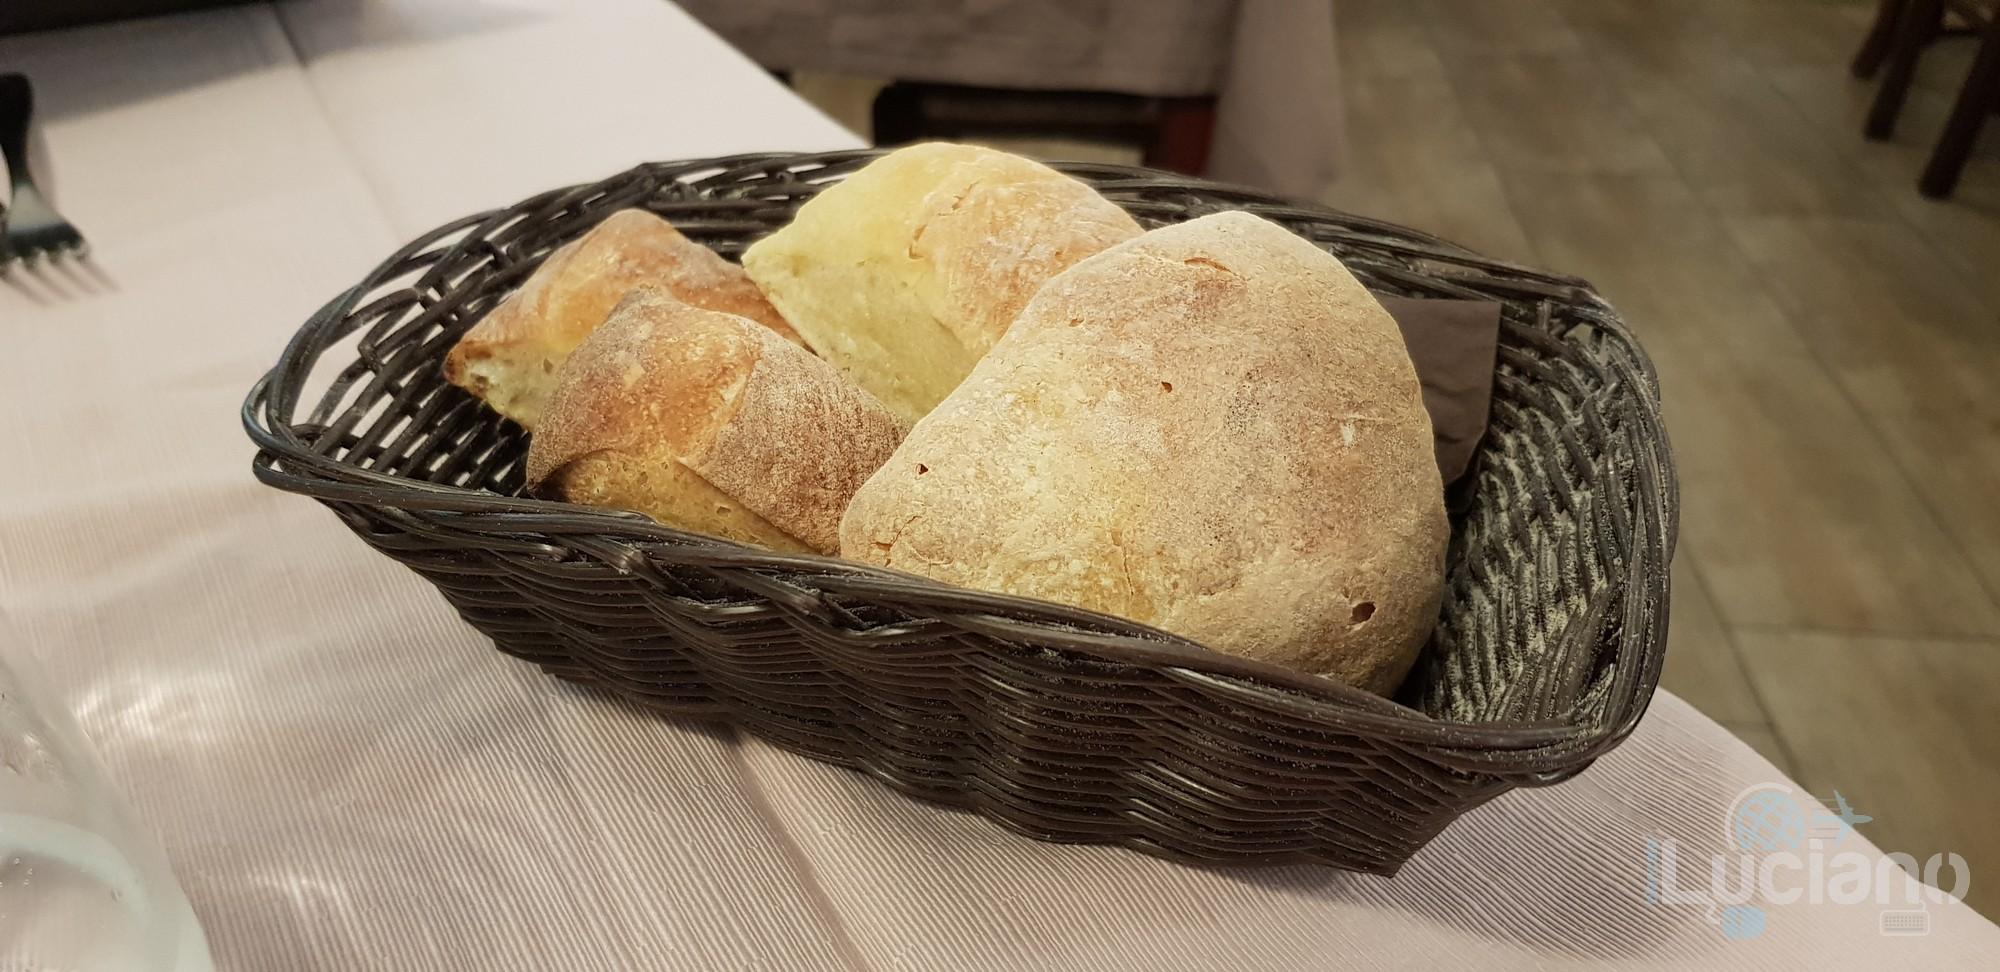 catania-ruffiana-luciano-blancato (2)